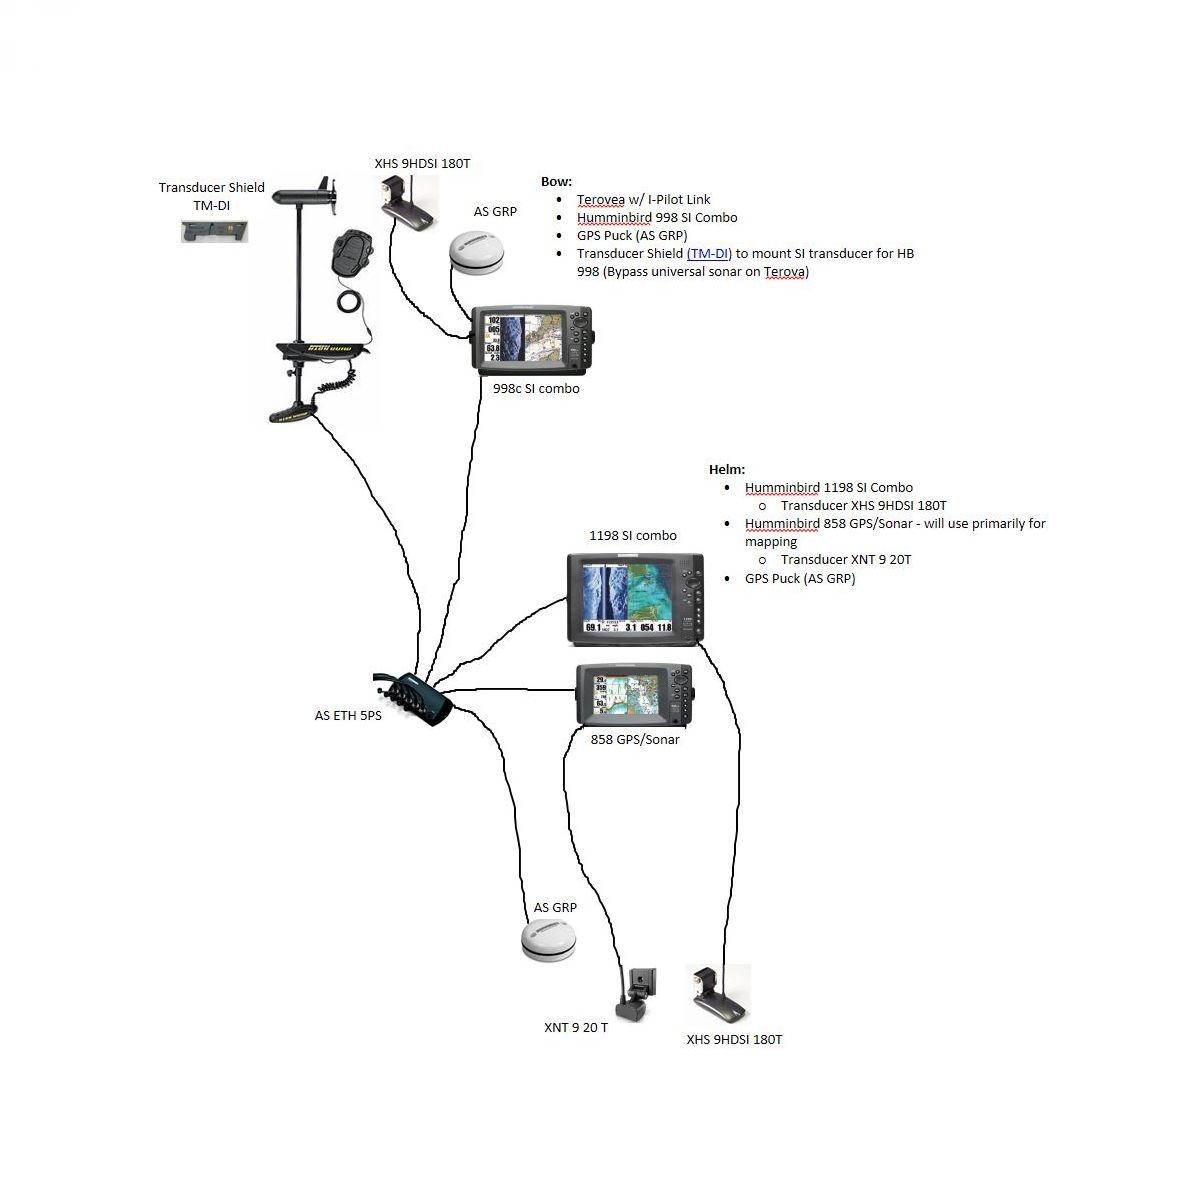 nmea 0183 to nmea 2000 wiring